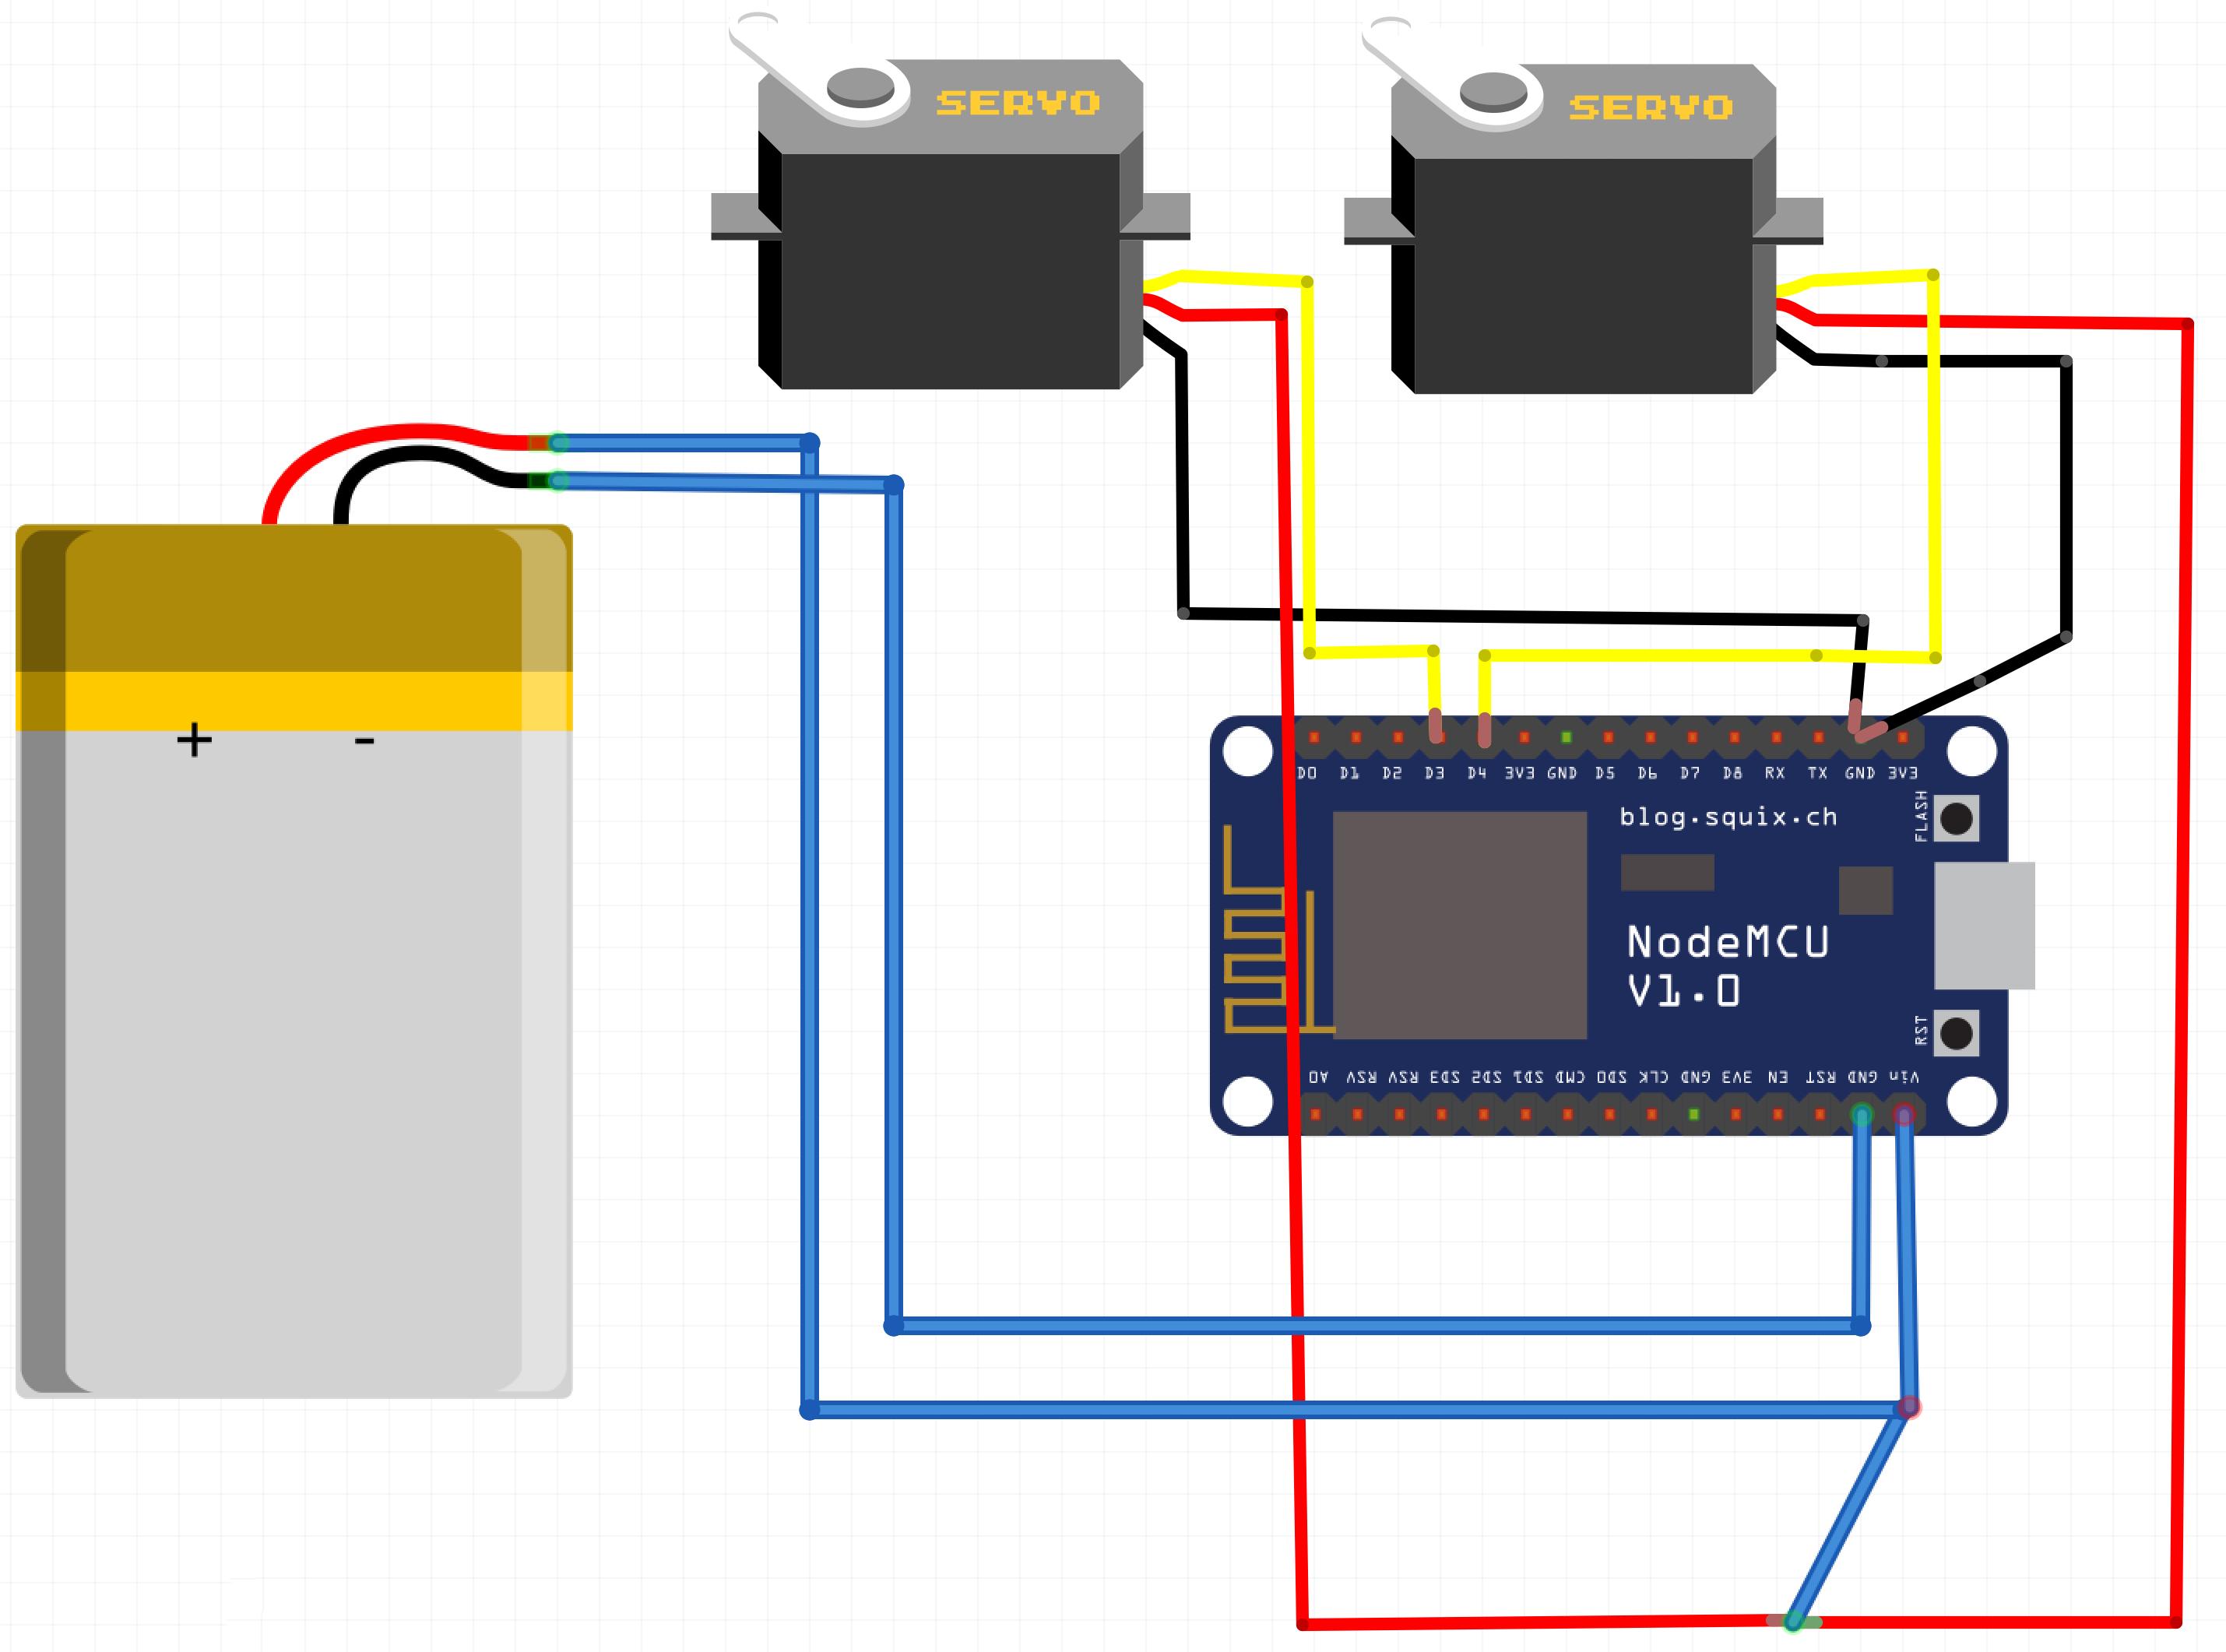 Controlling the camera gimbal using ESP8266 - Building Smart